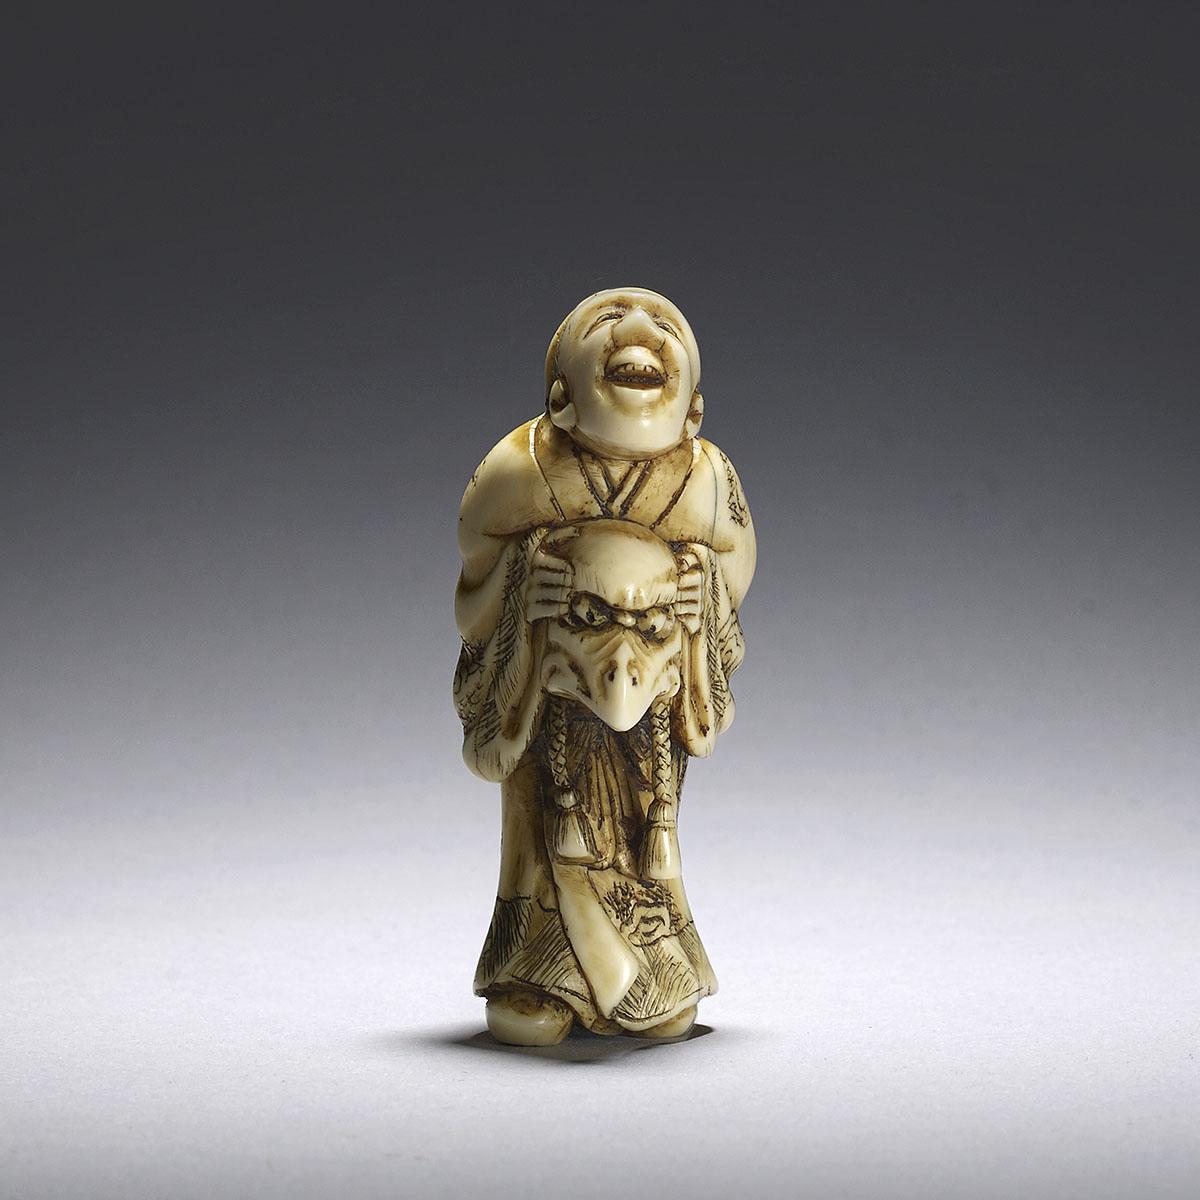 Hidemasa, Ivory netsuke of a man holding a karasu-tengu mask